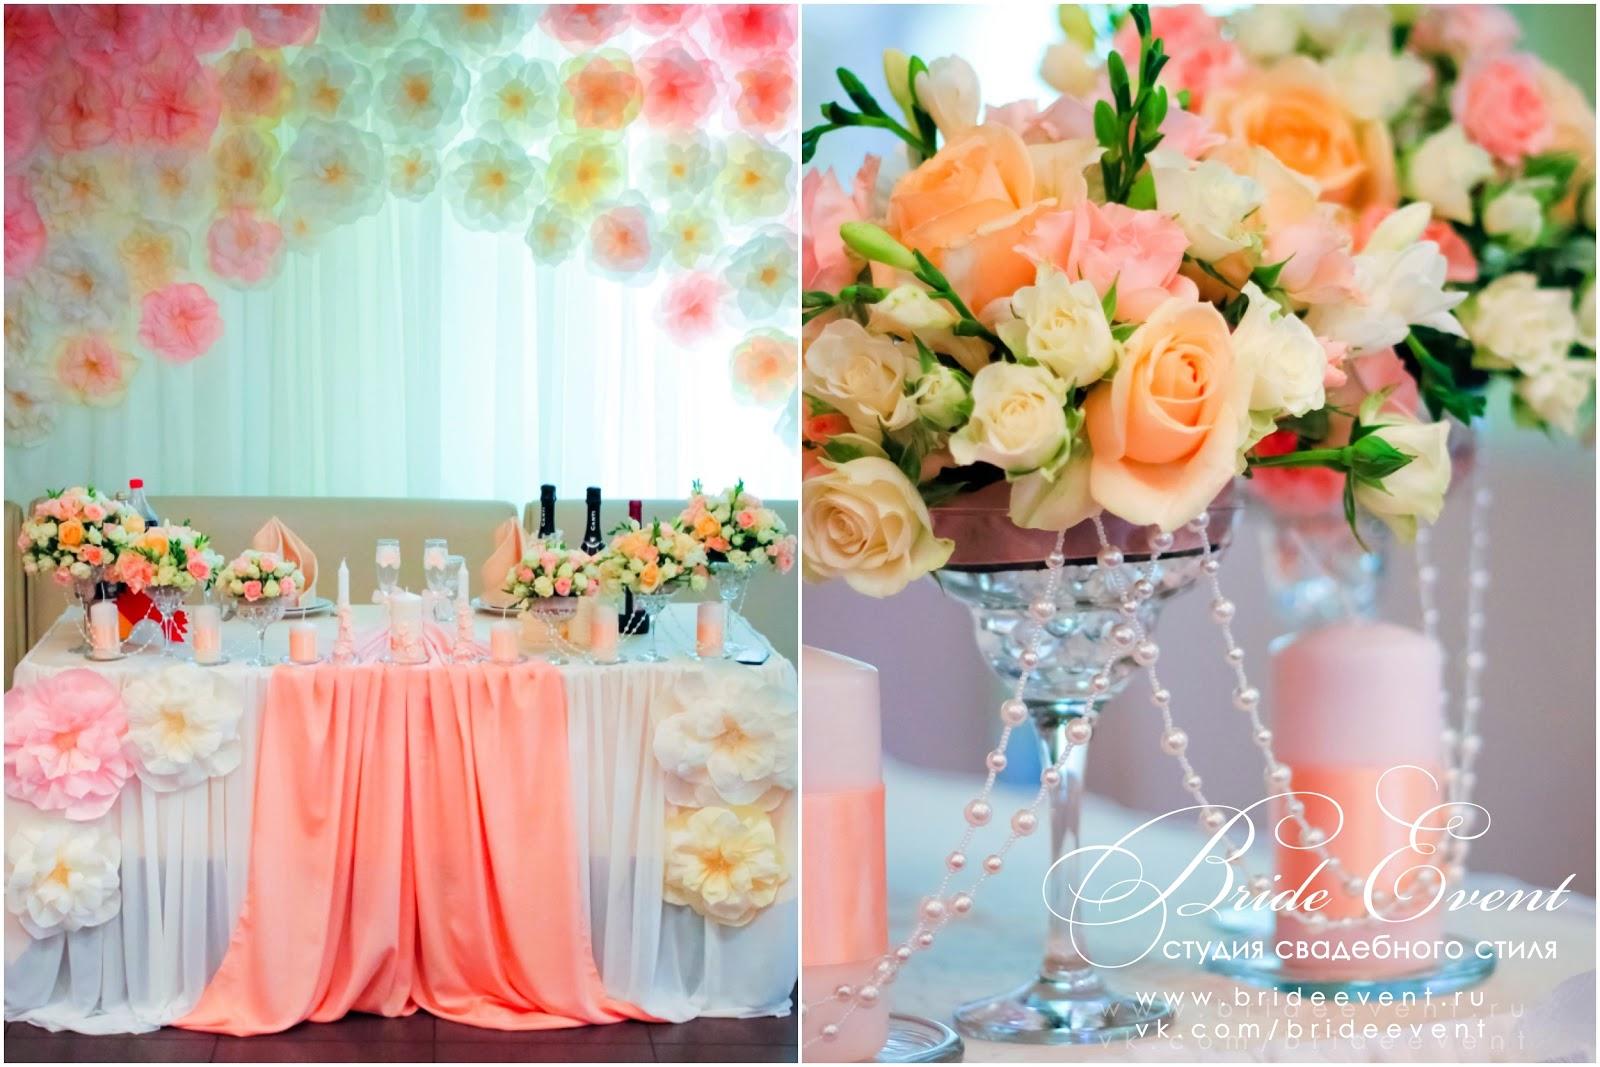 Персиково-голубая свадьба